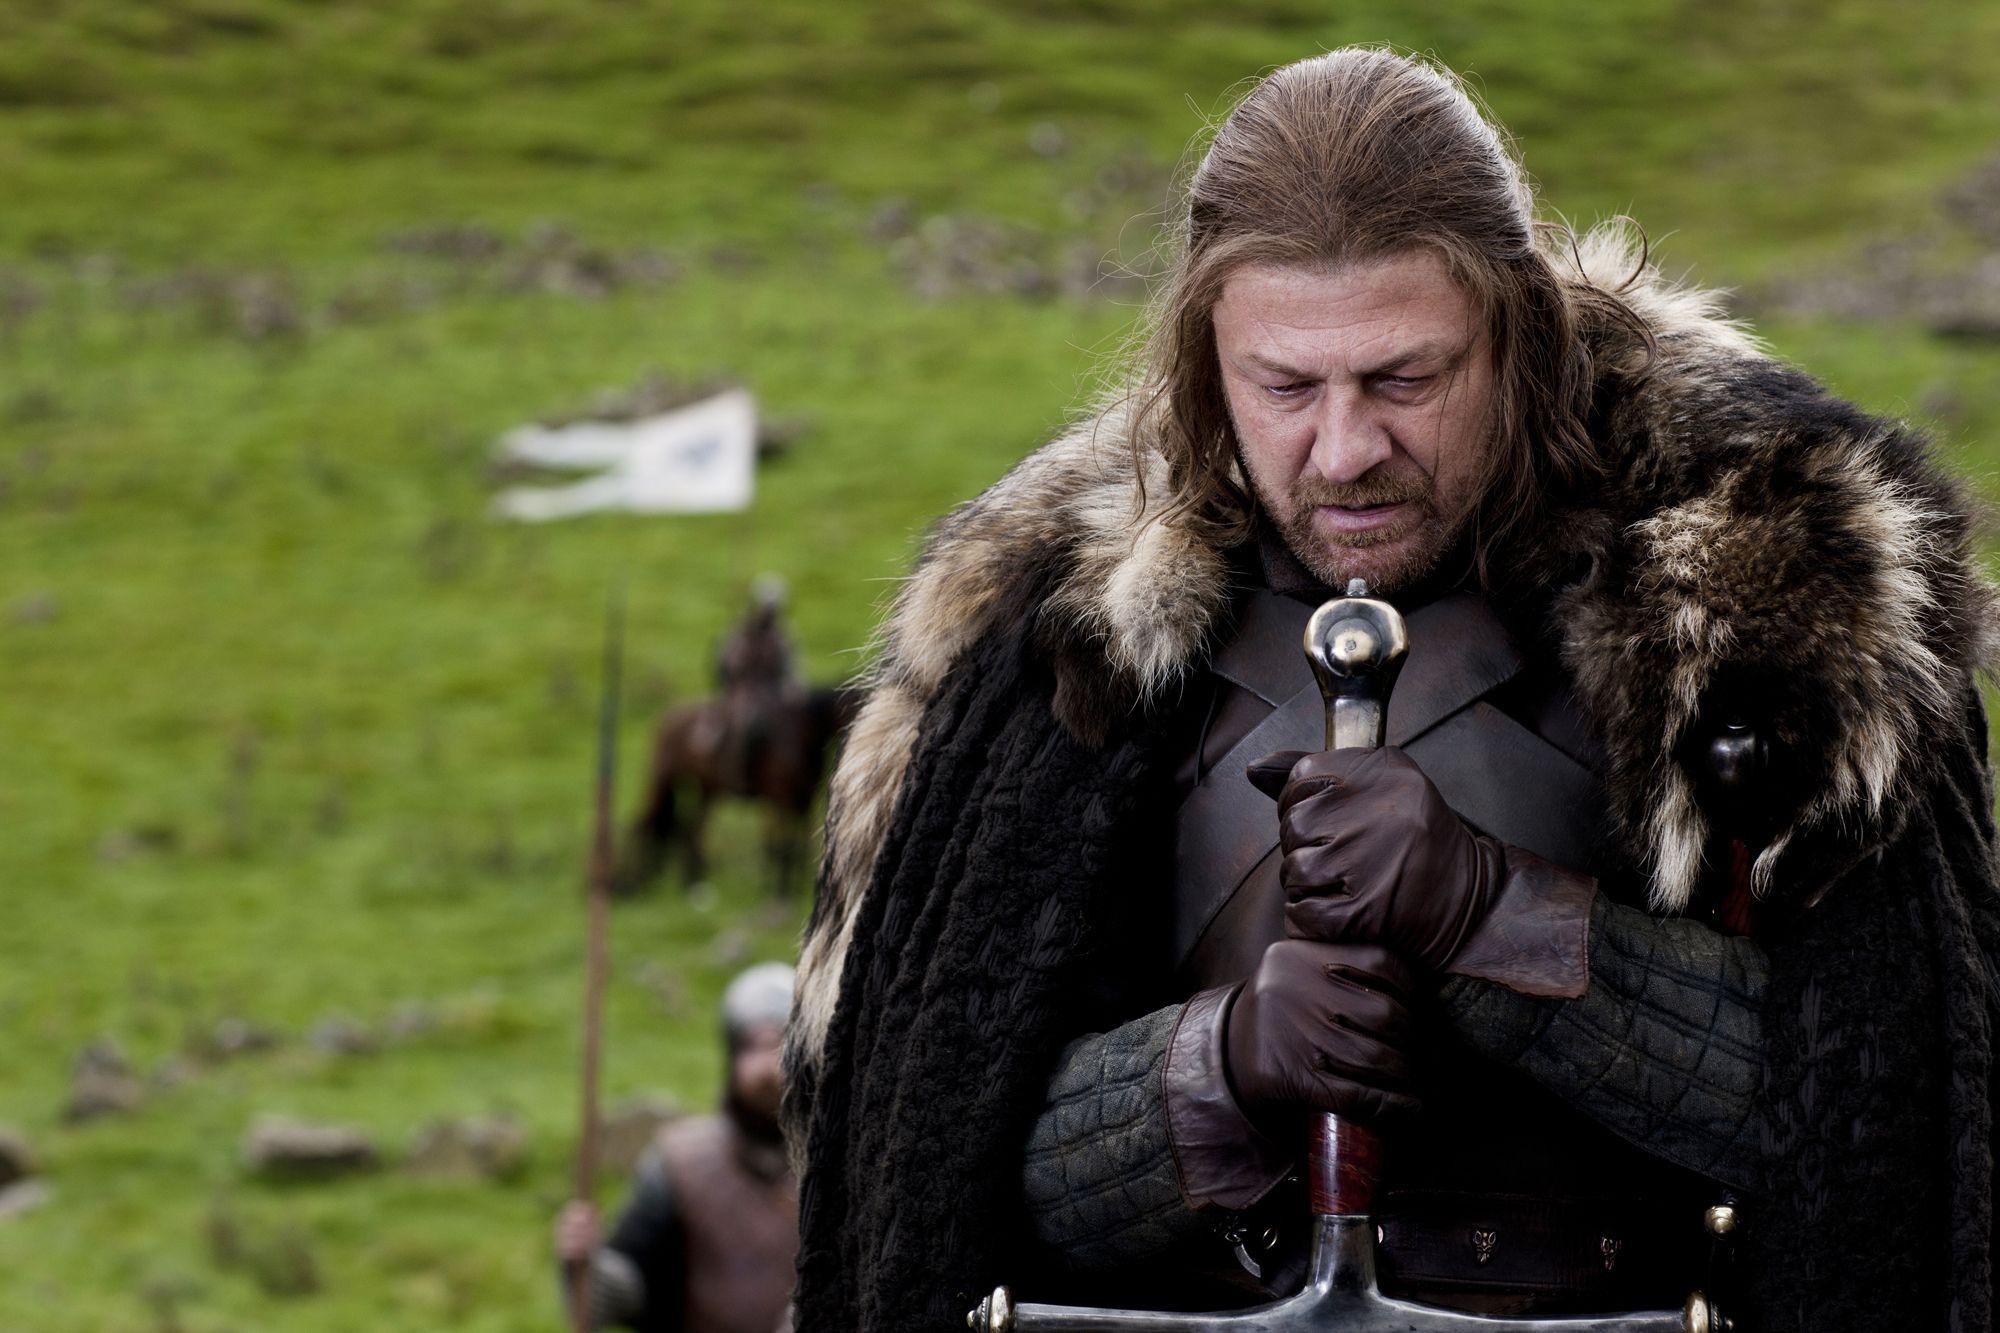 ned stark game of thrones death whisper words scene